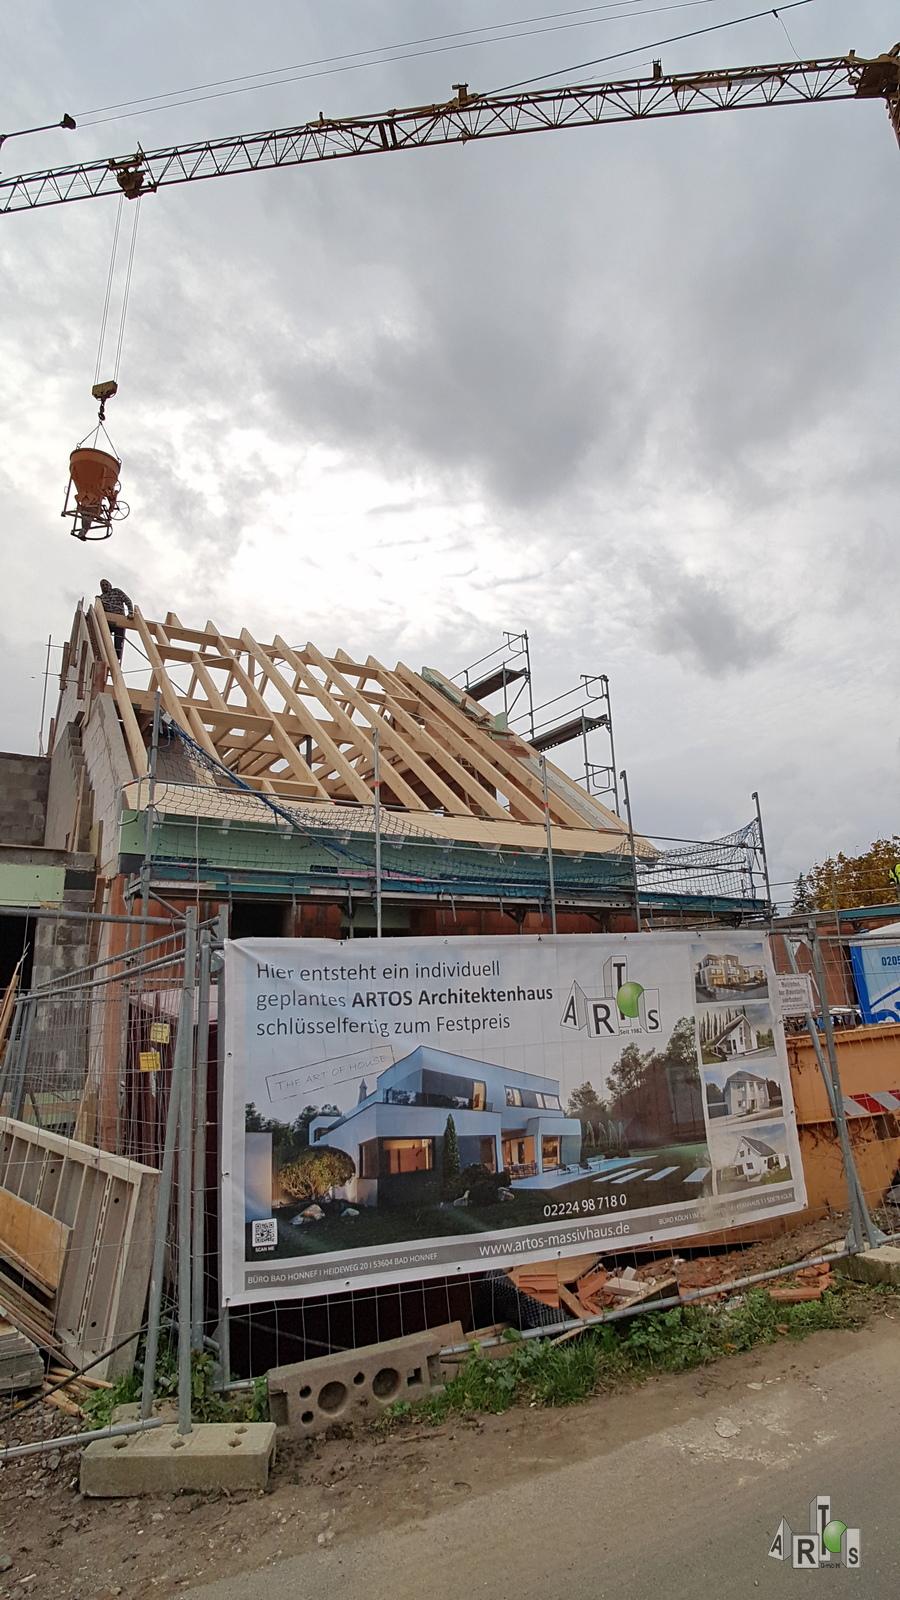 Bauvorhaben Hürth, 3 DHH. Stand Oktober 2020. ARTOS-HAUS www.artos-haus.de Bild 6